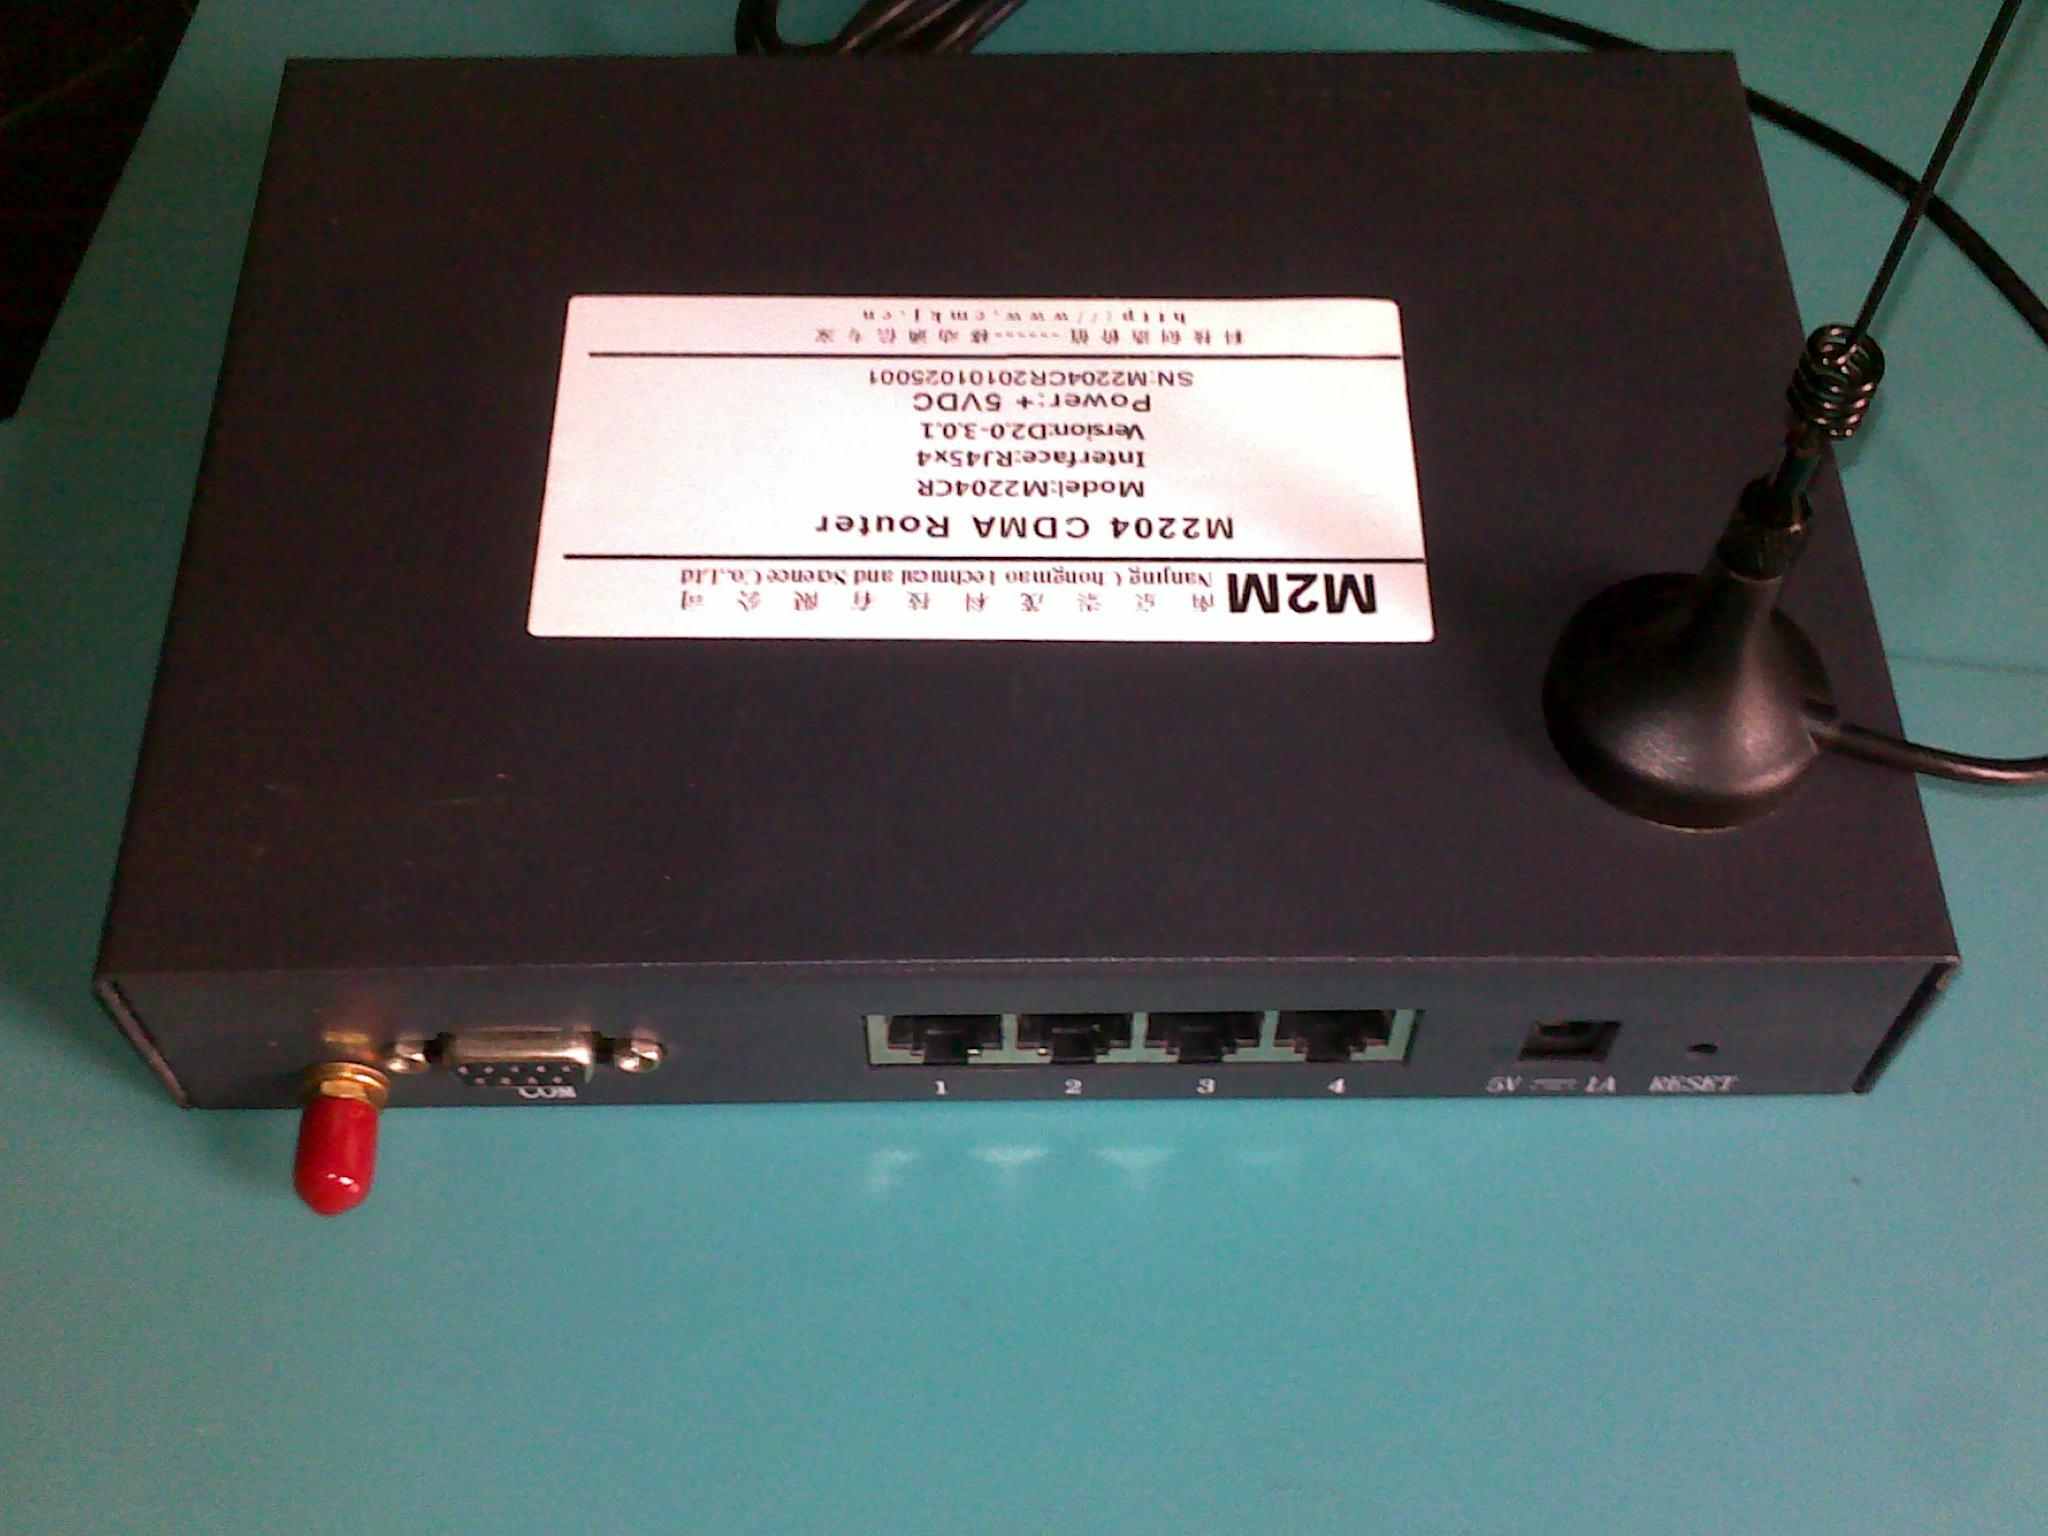 老虎机贝斯特_M2004 CDMA  无线路由器